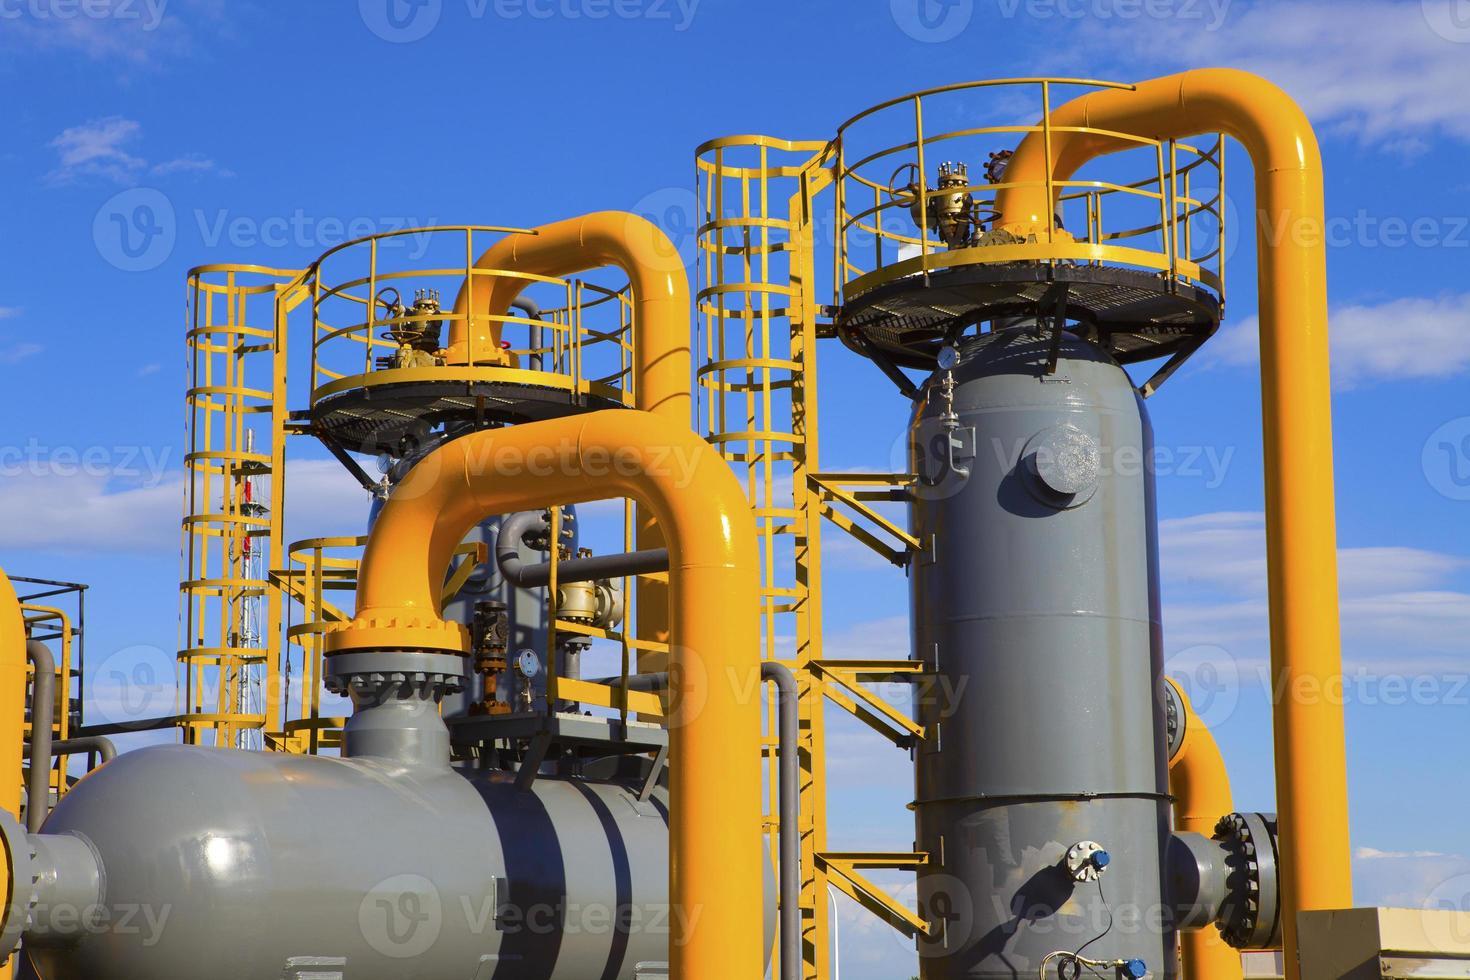 apparecchiature utilizzate nell'industria petrolchimica foto